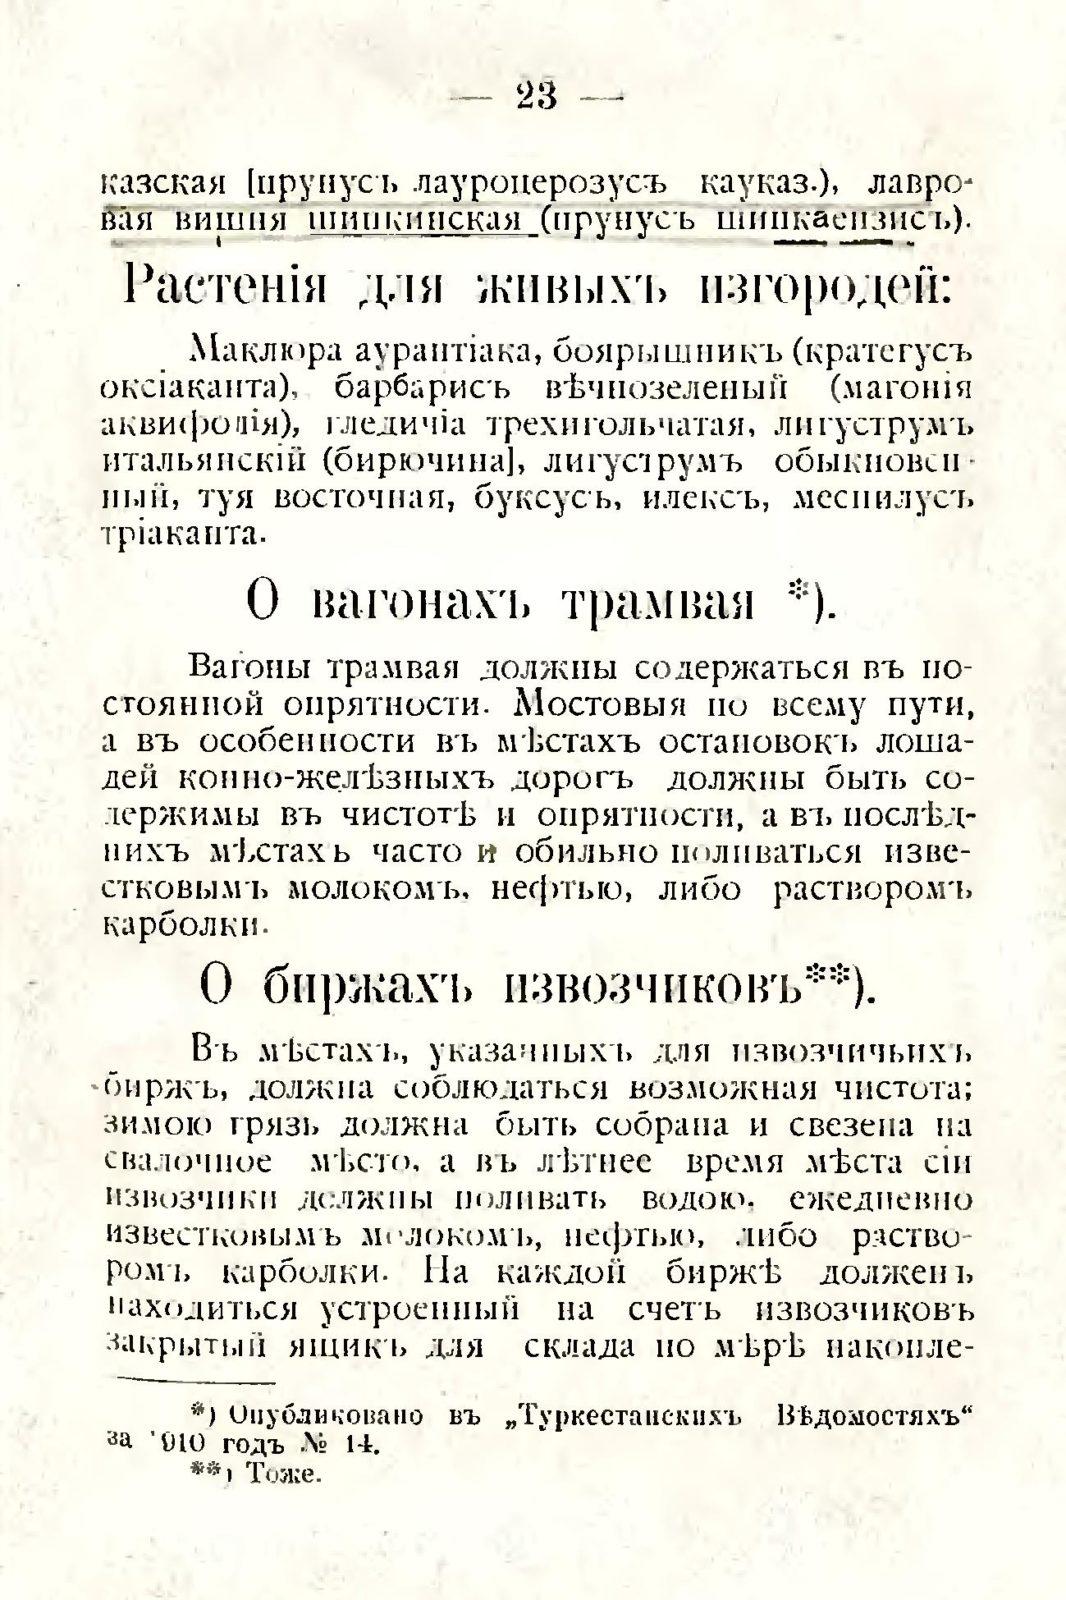 sbornik_obyazatelnyh_postanovlenii_tashkentskoi_gorodskoi_du_27